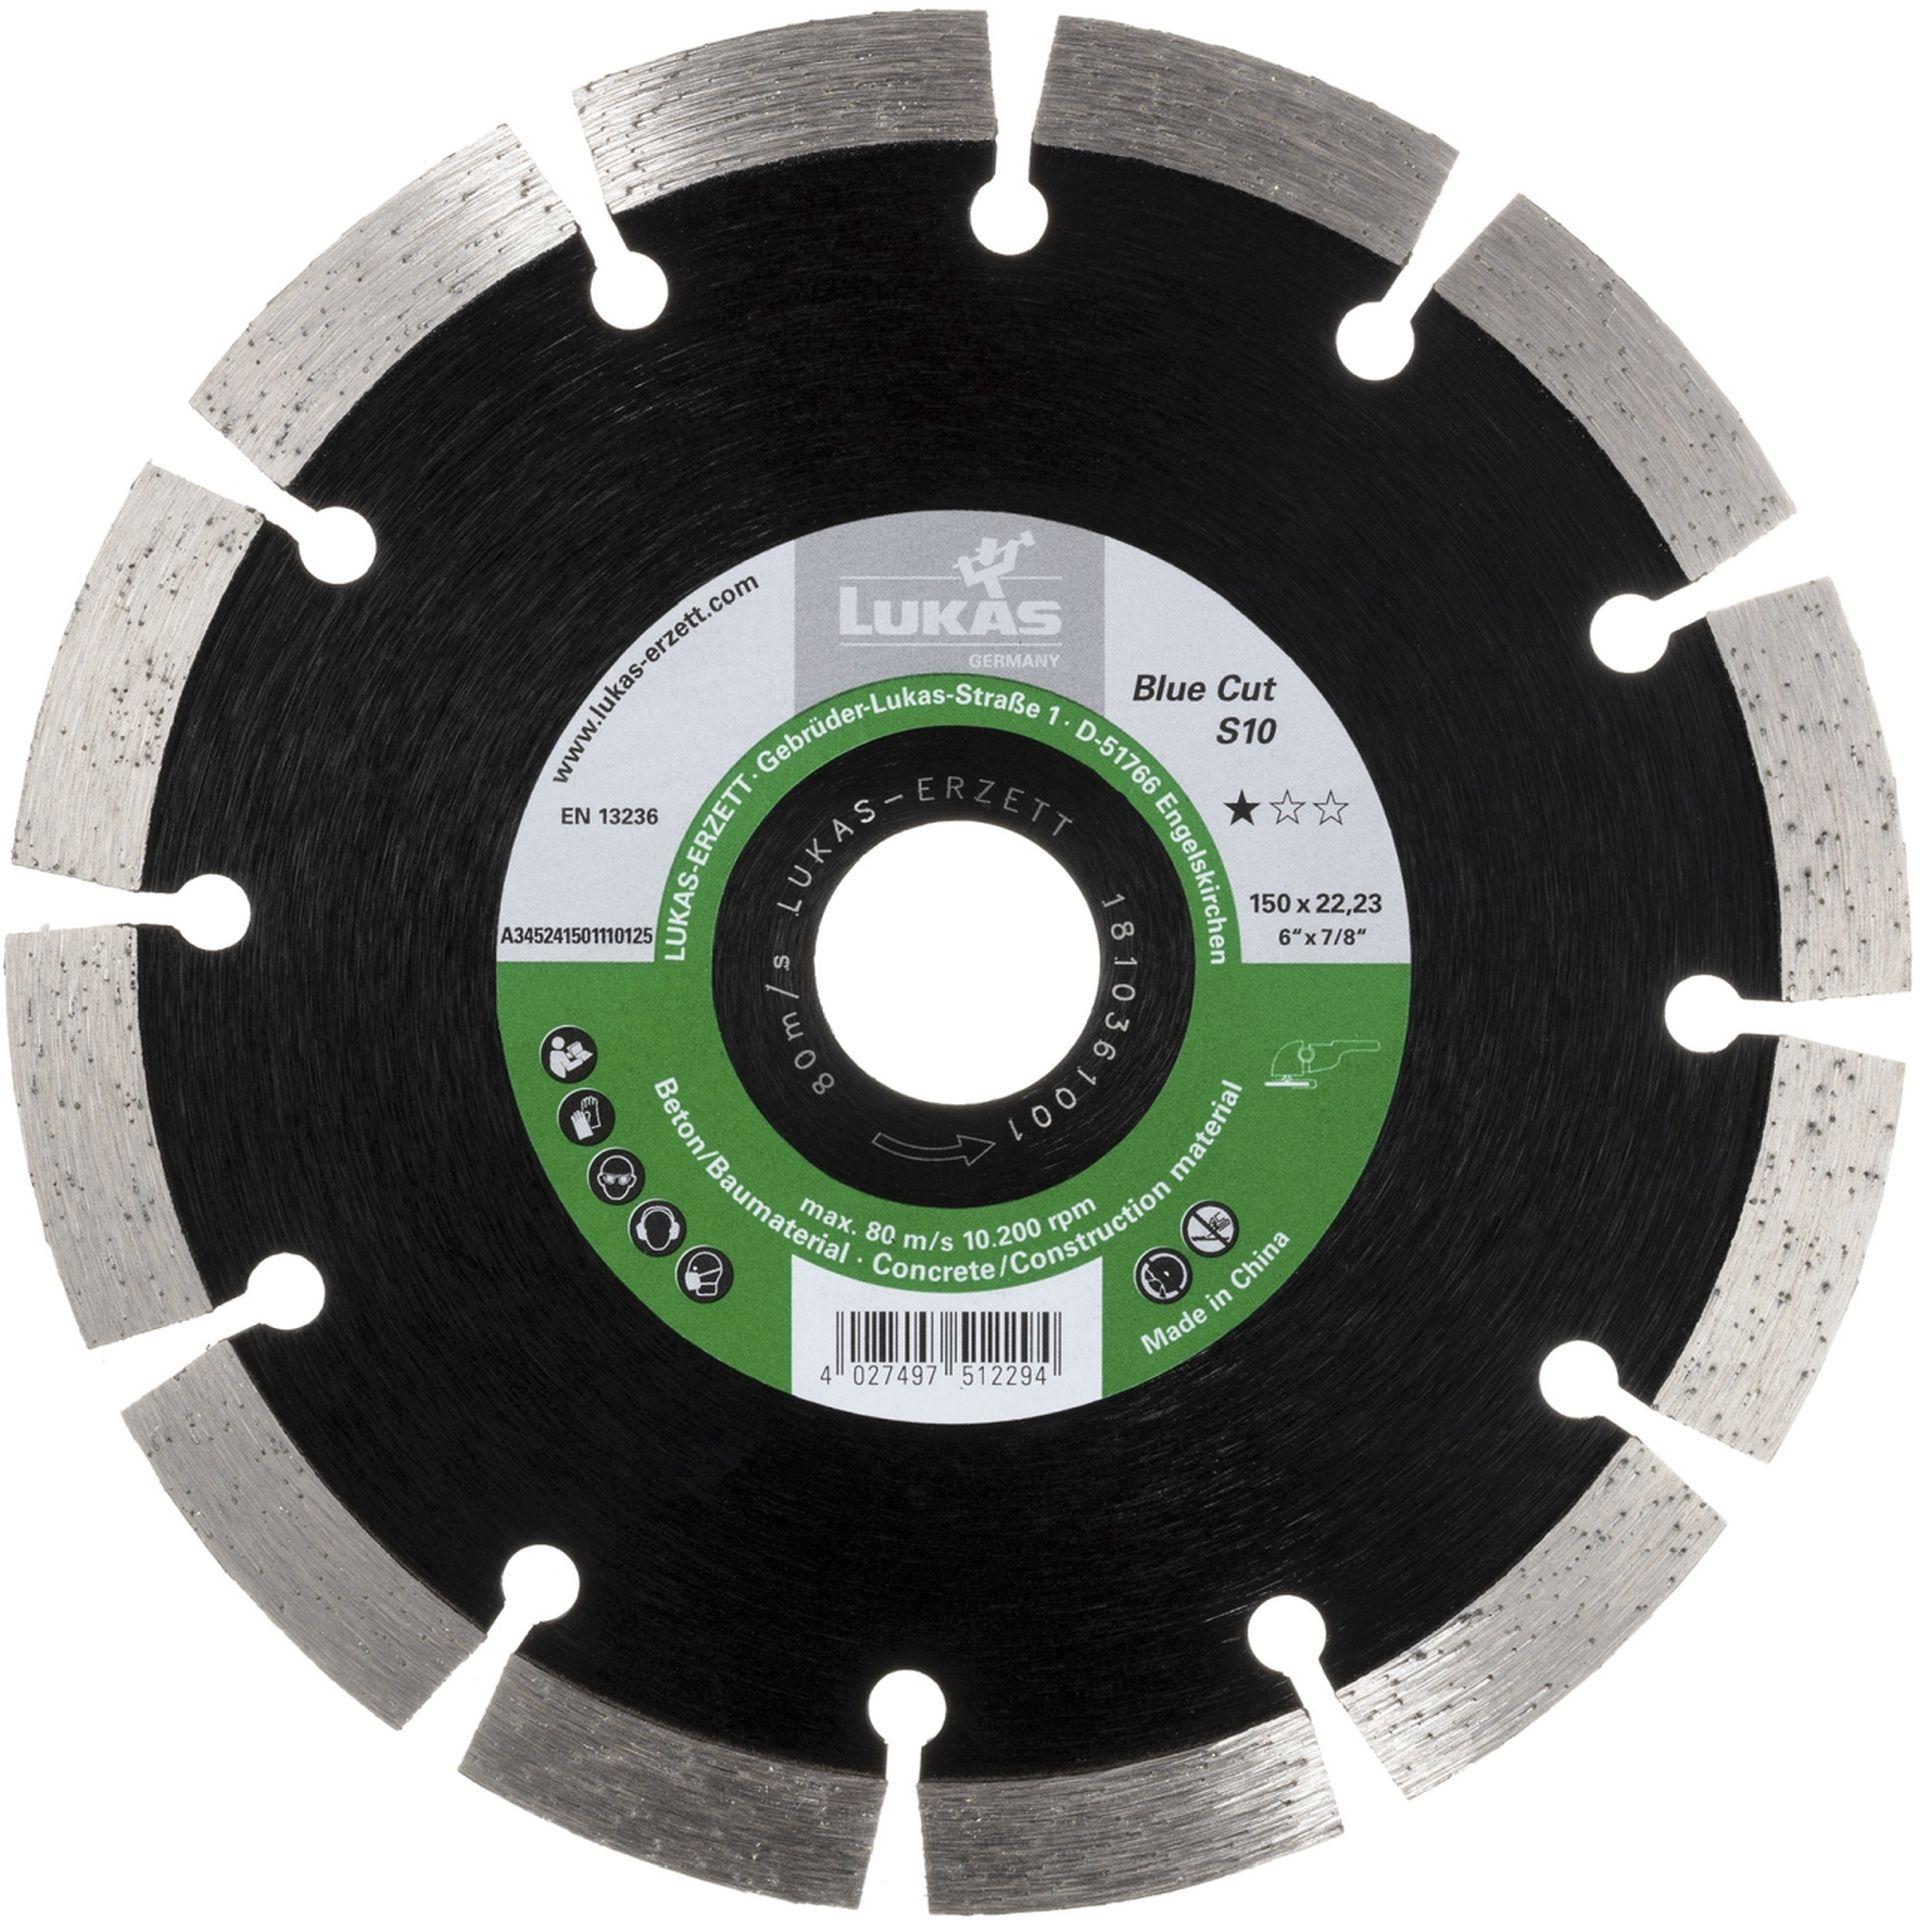 LUKAS Diamanttrennscheibe Blue Cut S10 für Stein/Beton/Asphalt Ø 125 mm